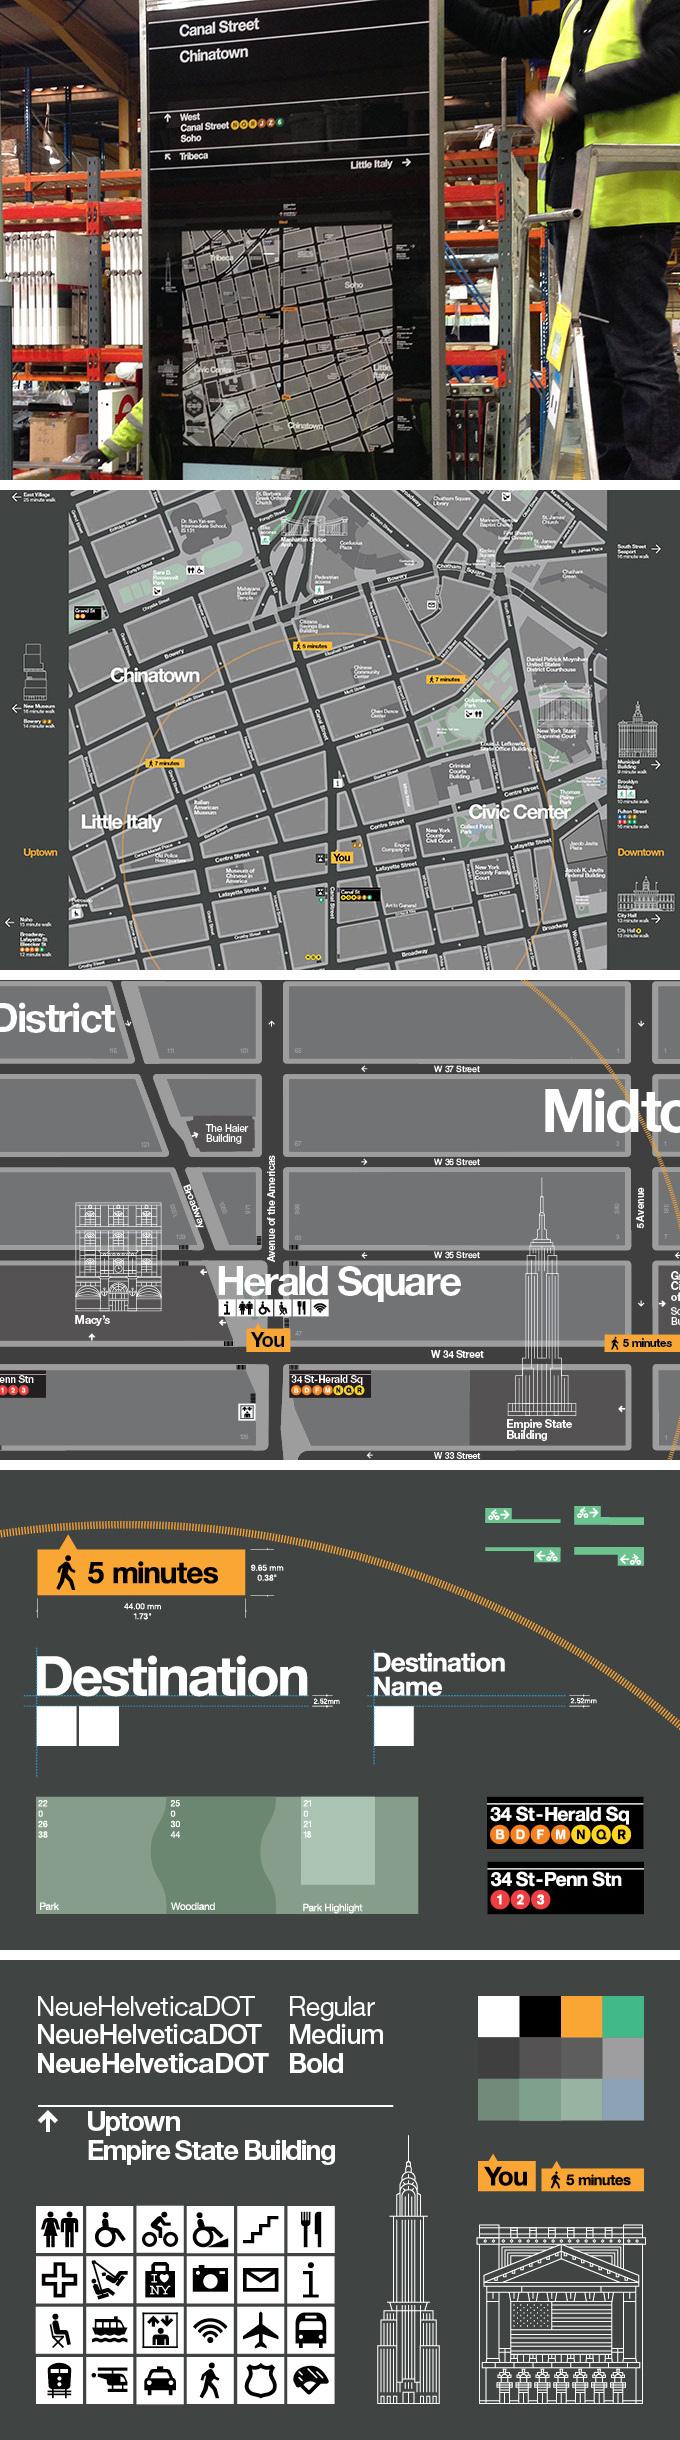 En mayo de 2013, el Departamento de Transporte de la Ciudad de Nueva York (NYC DOT) dio a conocer la primera fase de su sistema de orientación para toda la ciudad. El proyecto, diseñado por PentaCityGroup (PCG), es un punto de referencia para otras ciudades globales. En su primera fase, el sistema de información basado en mapas situado en las calles guía a los peatones por los barrios, y los situados en cada estación CitiBike ayudan a los usuario a planificar sus viajes.